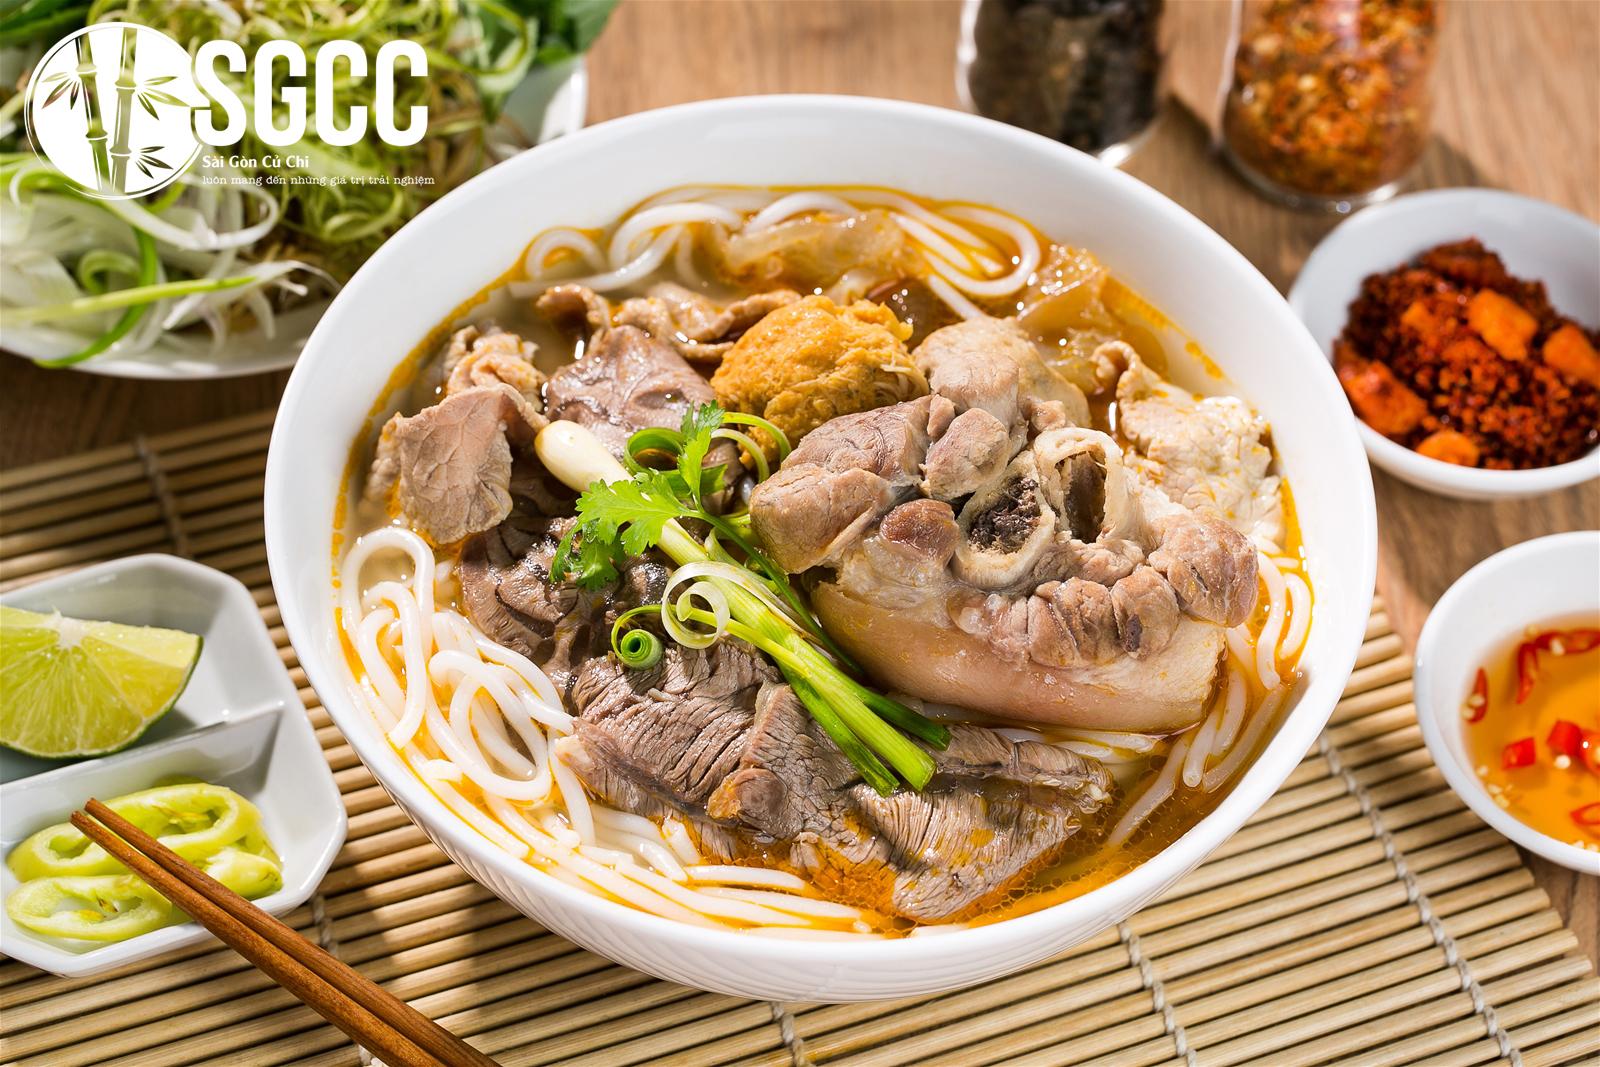 Cùng thưởng thức 5 món bún ngon nức tiếng tại Huế